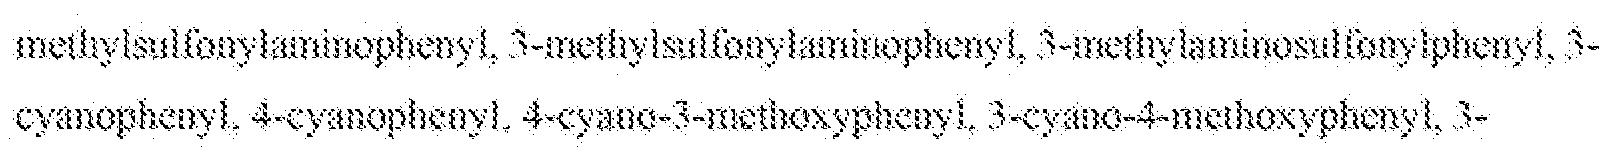 WO2013086397A1 - Urea compounds as gka activators - Google Patents